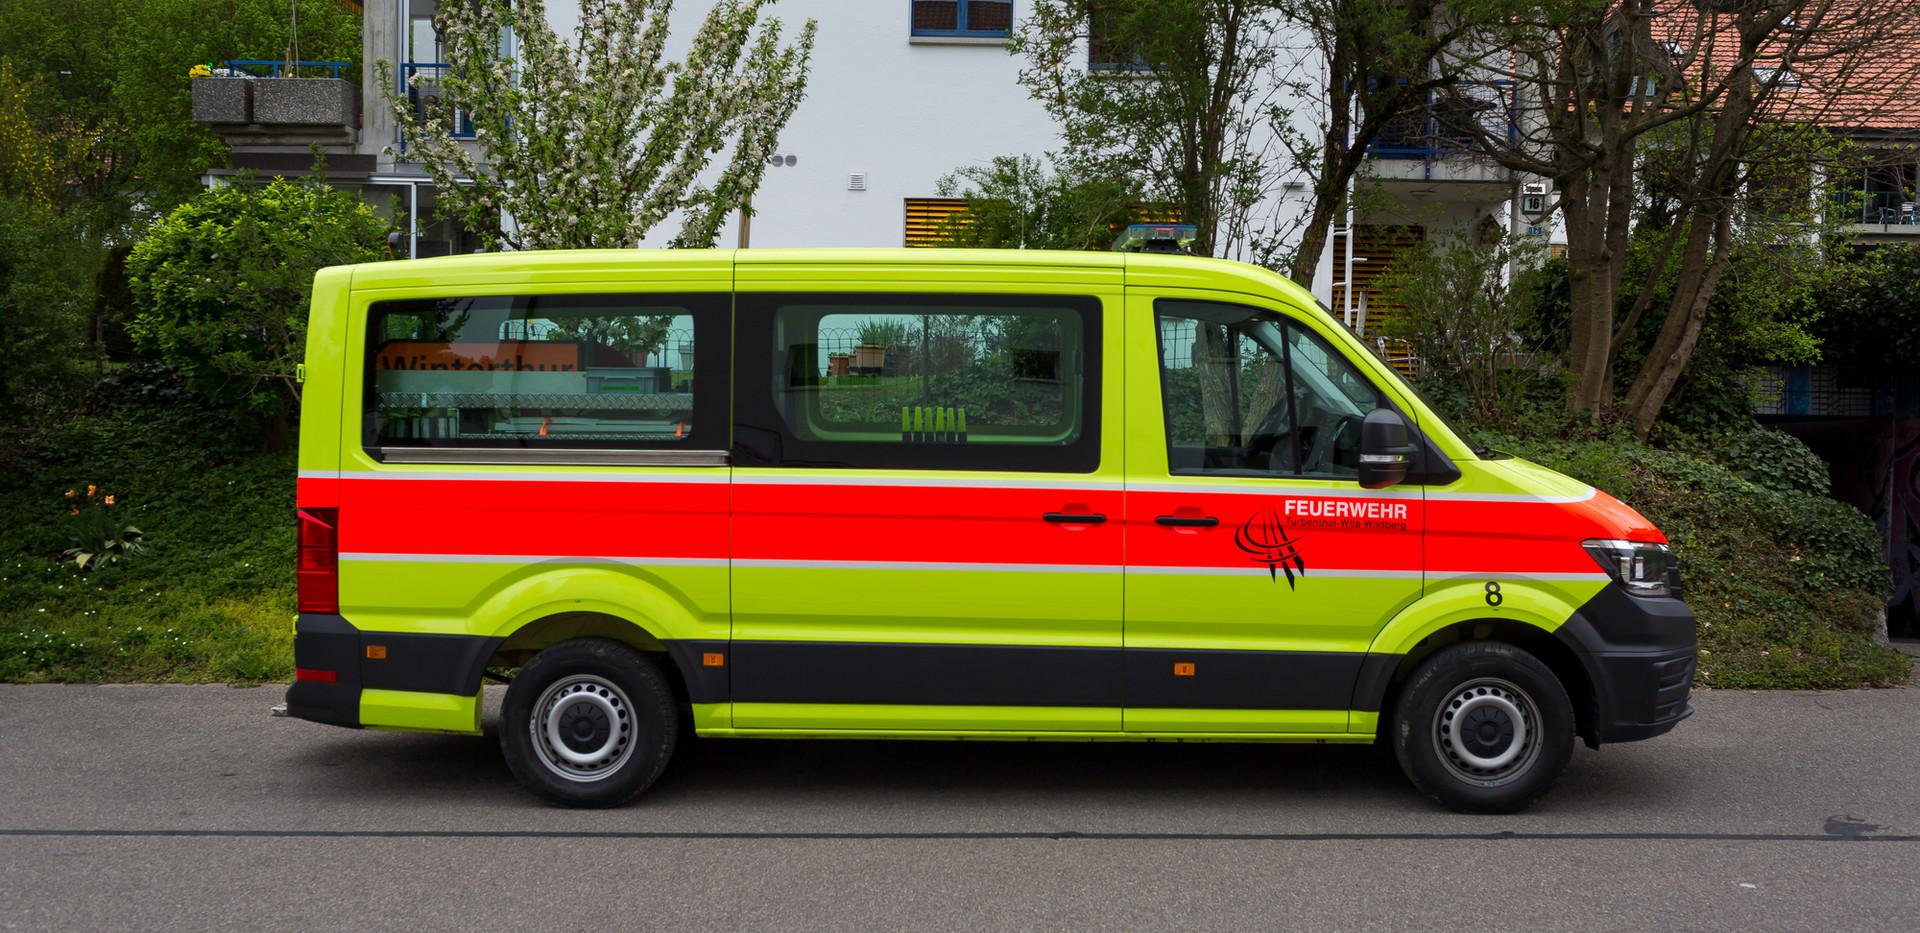 Verkehrsgruppenfahrzeug (VAF)